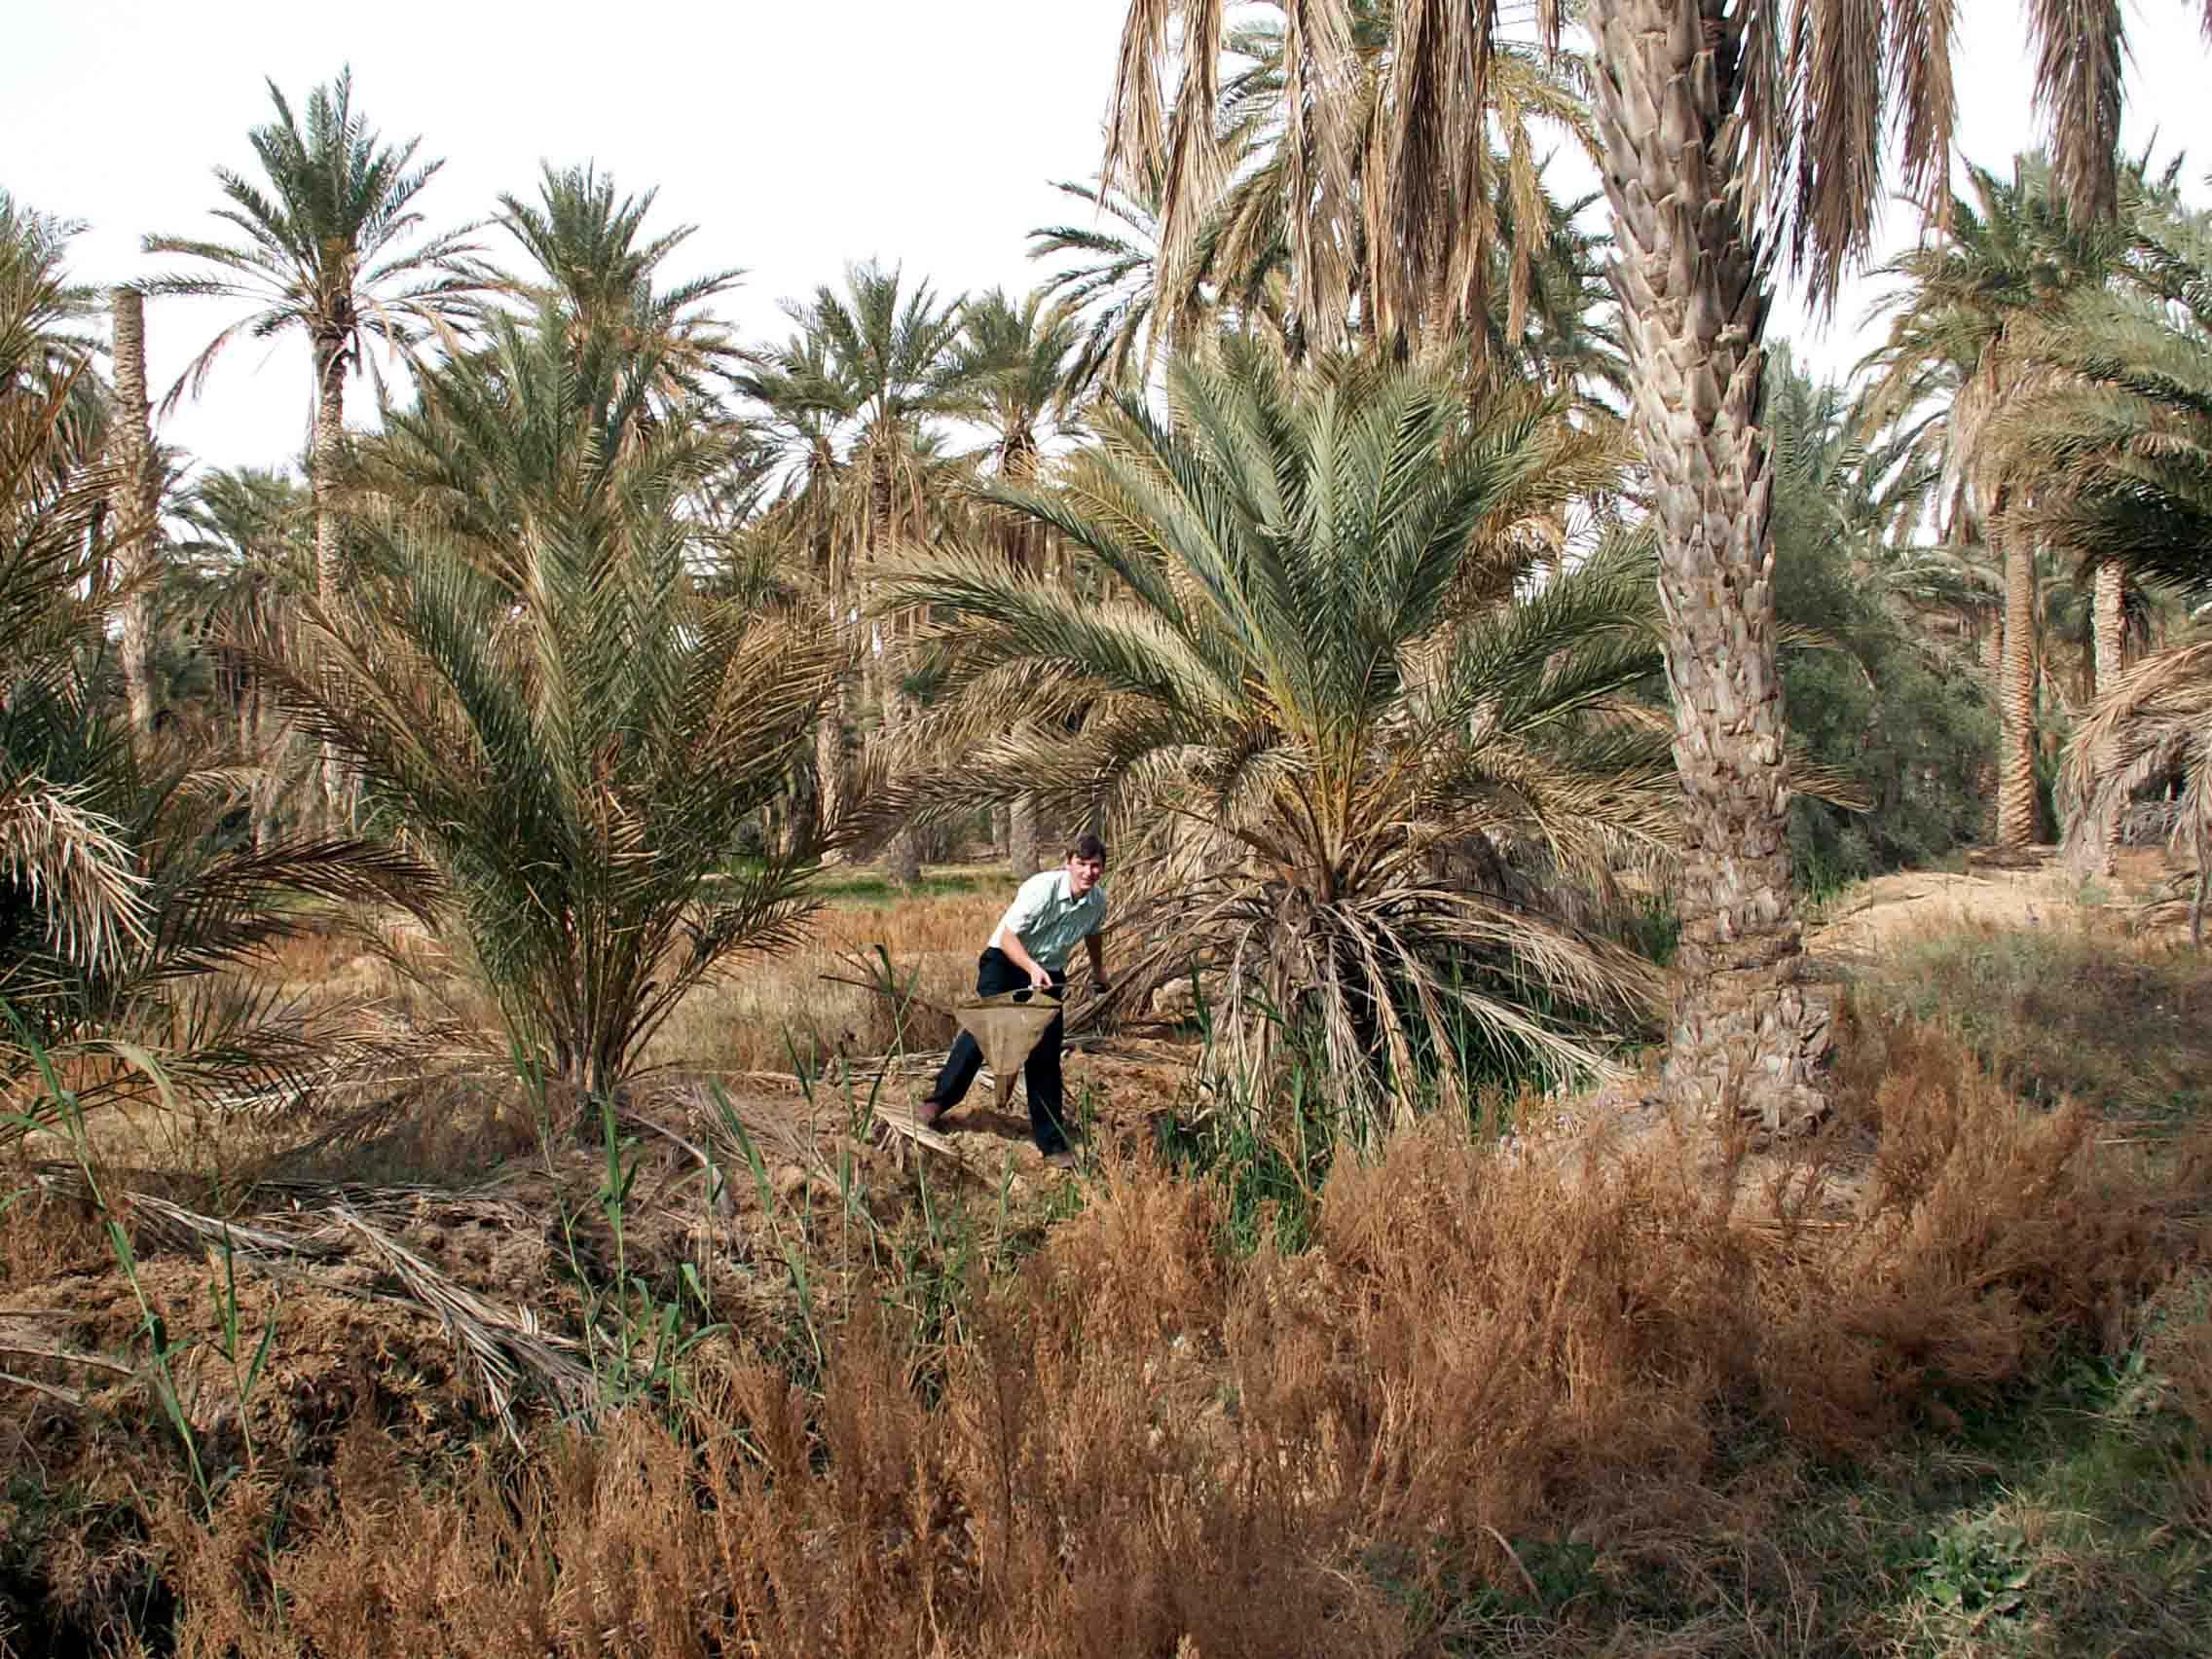 В оазисе Дуз, Тунис. Фото Л. Я. Боркина. 15.03.2005